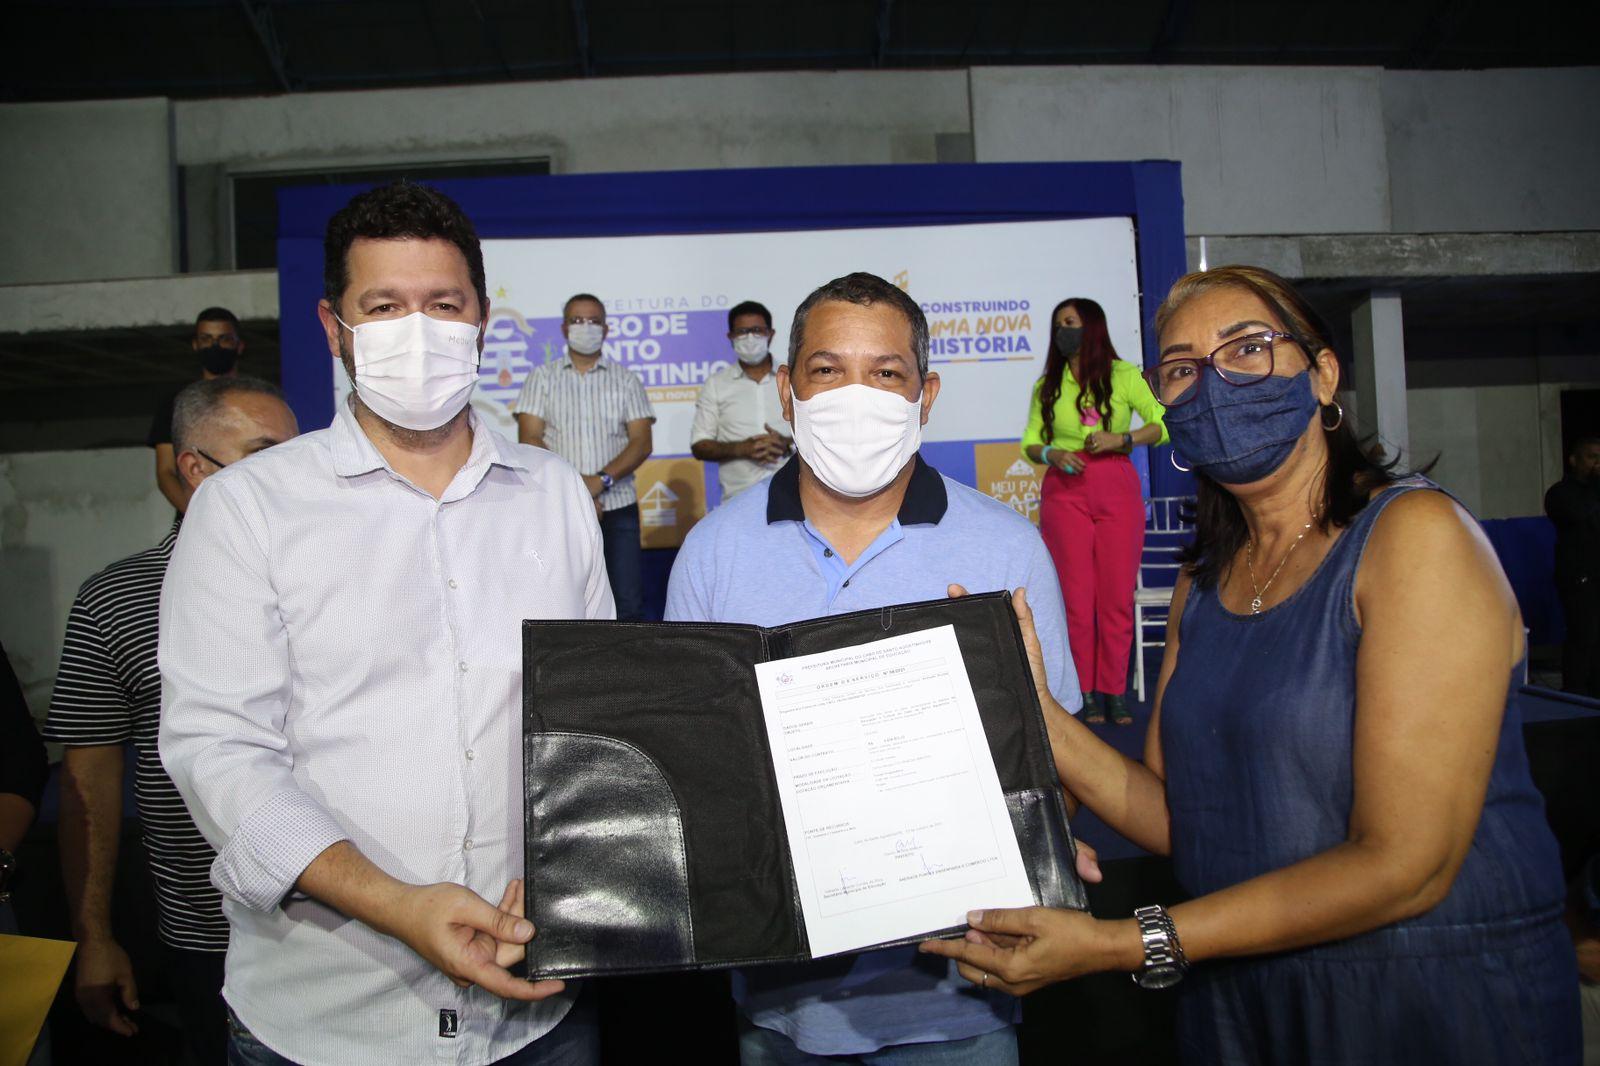 Keko do Armazém assina ordem de serviço para que obras do Centro de Formação Professor Elmo José de Freitas sejamretomadas